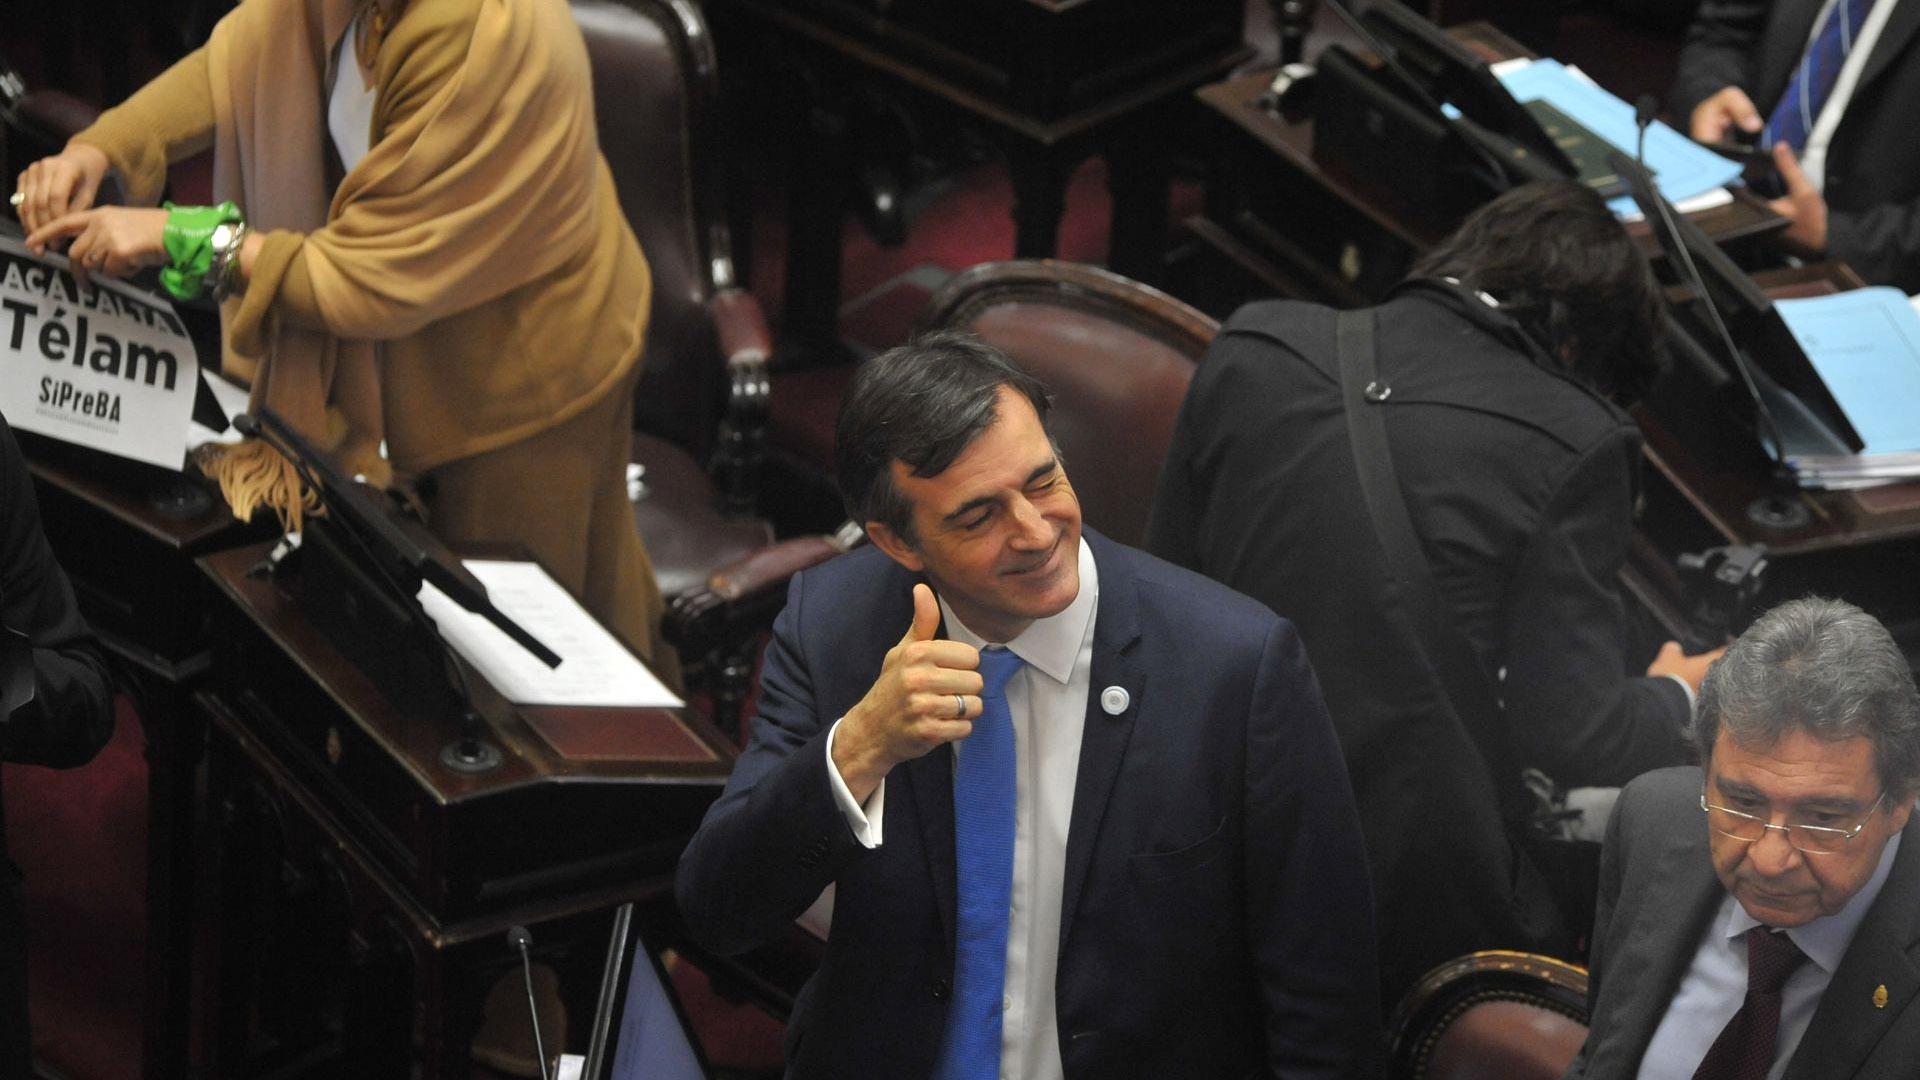 El senador oficialista Esteban Bullrich